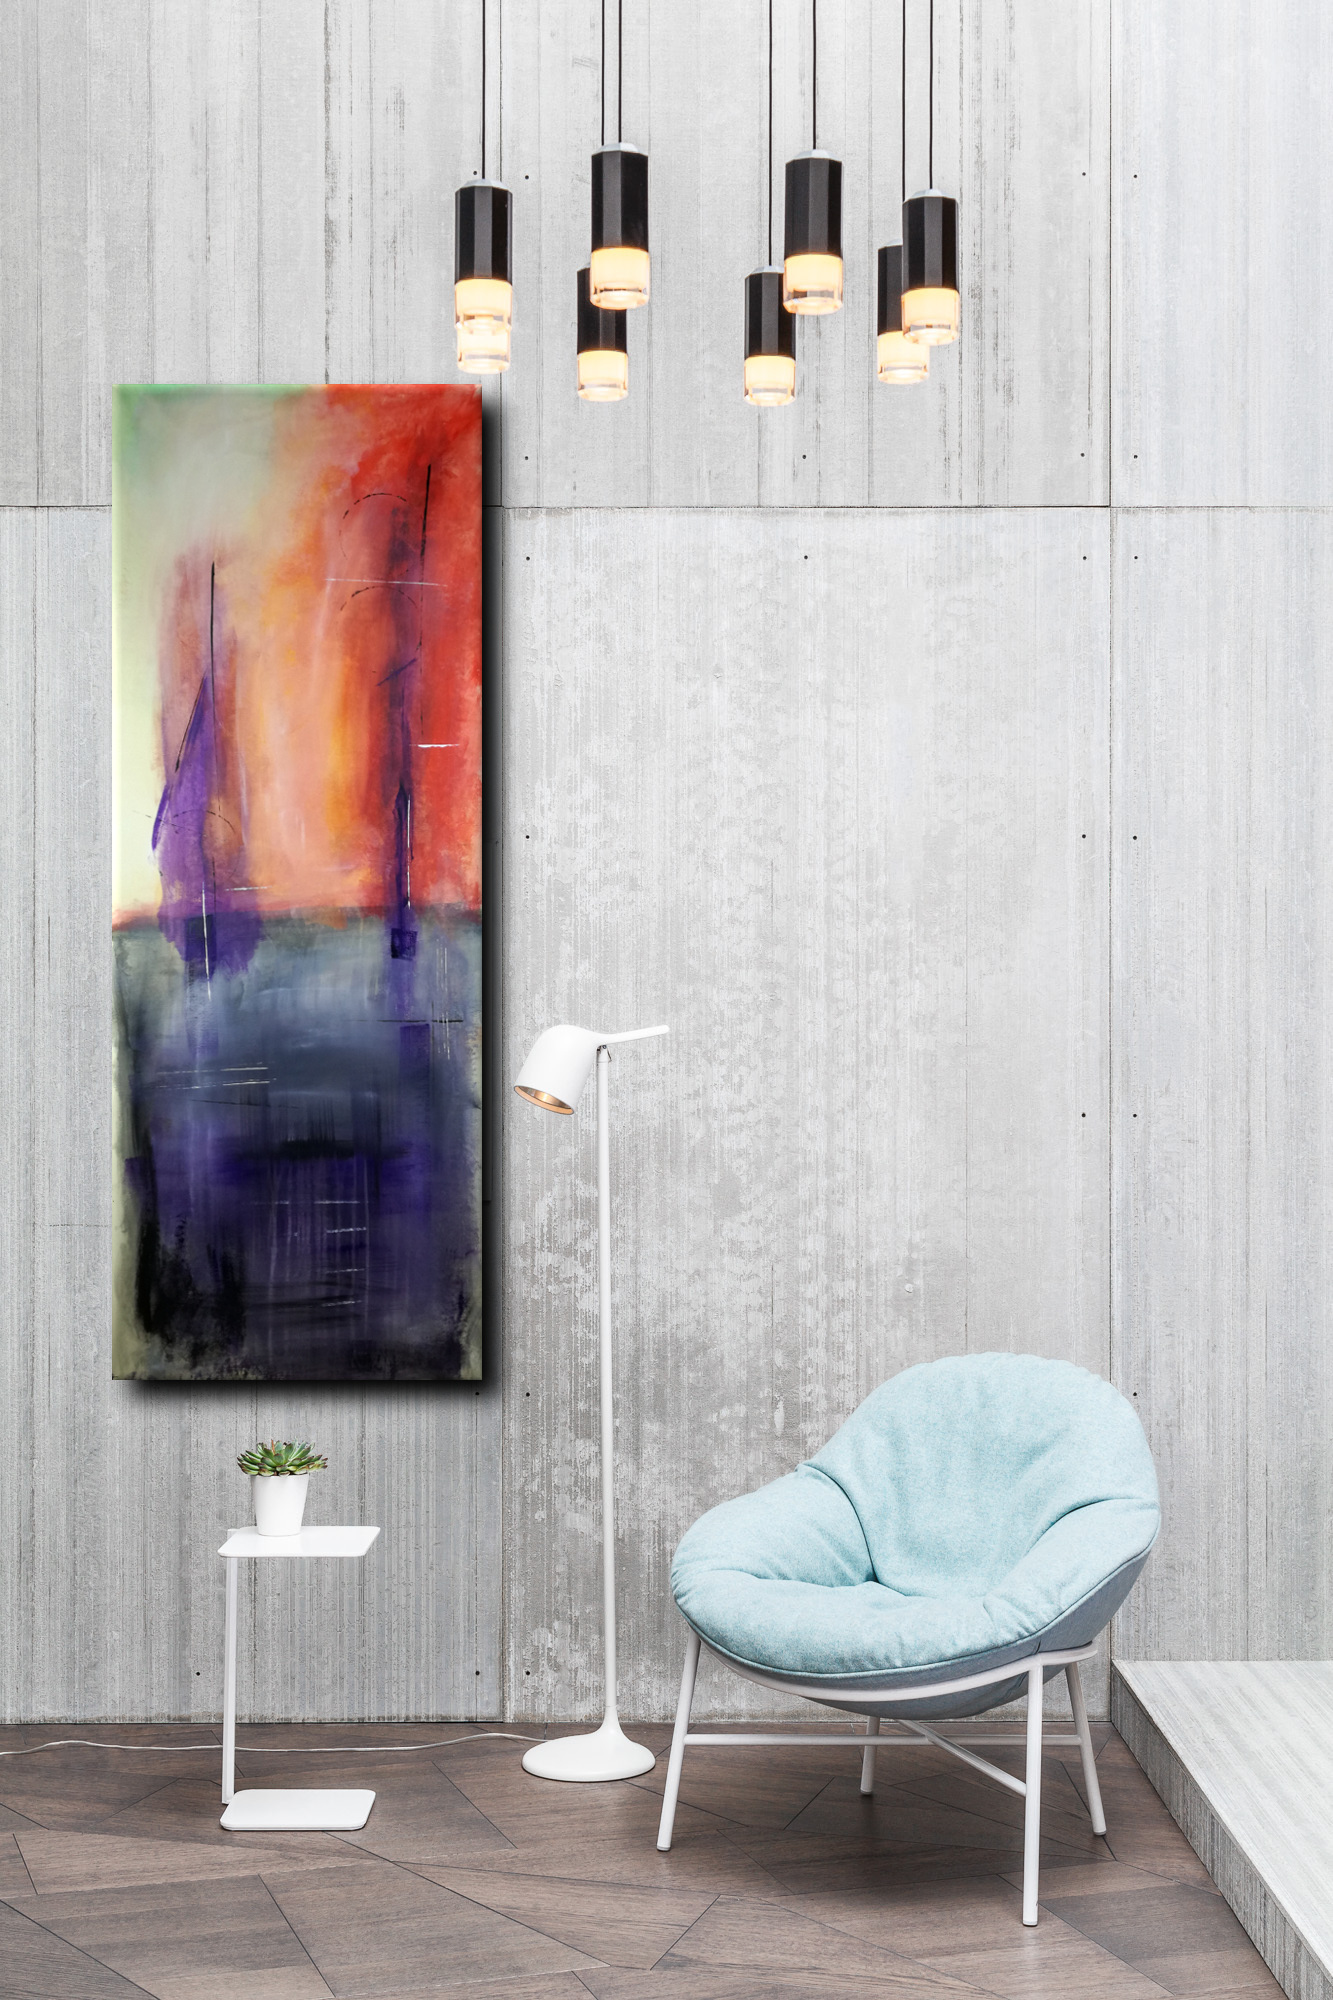 Quadri astratti paesaggio 150x55 sauro bos for Quadri astratti moderni verticali